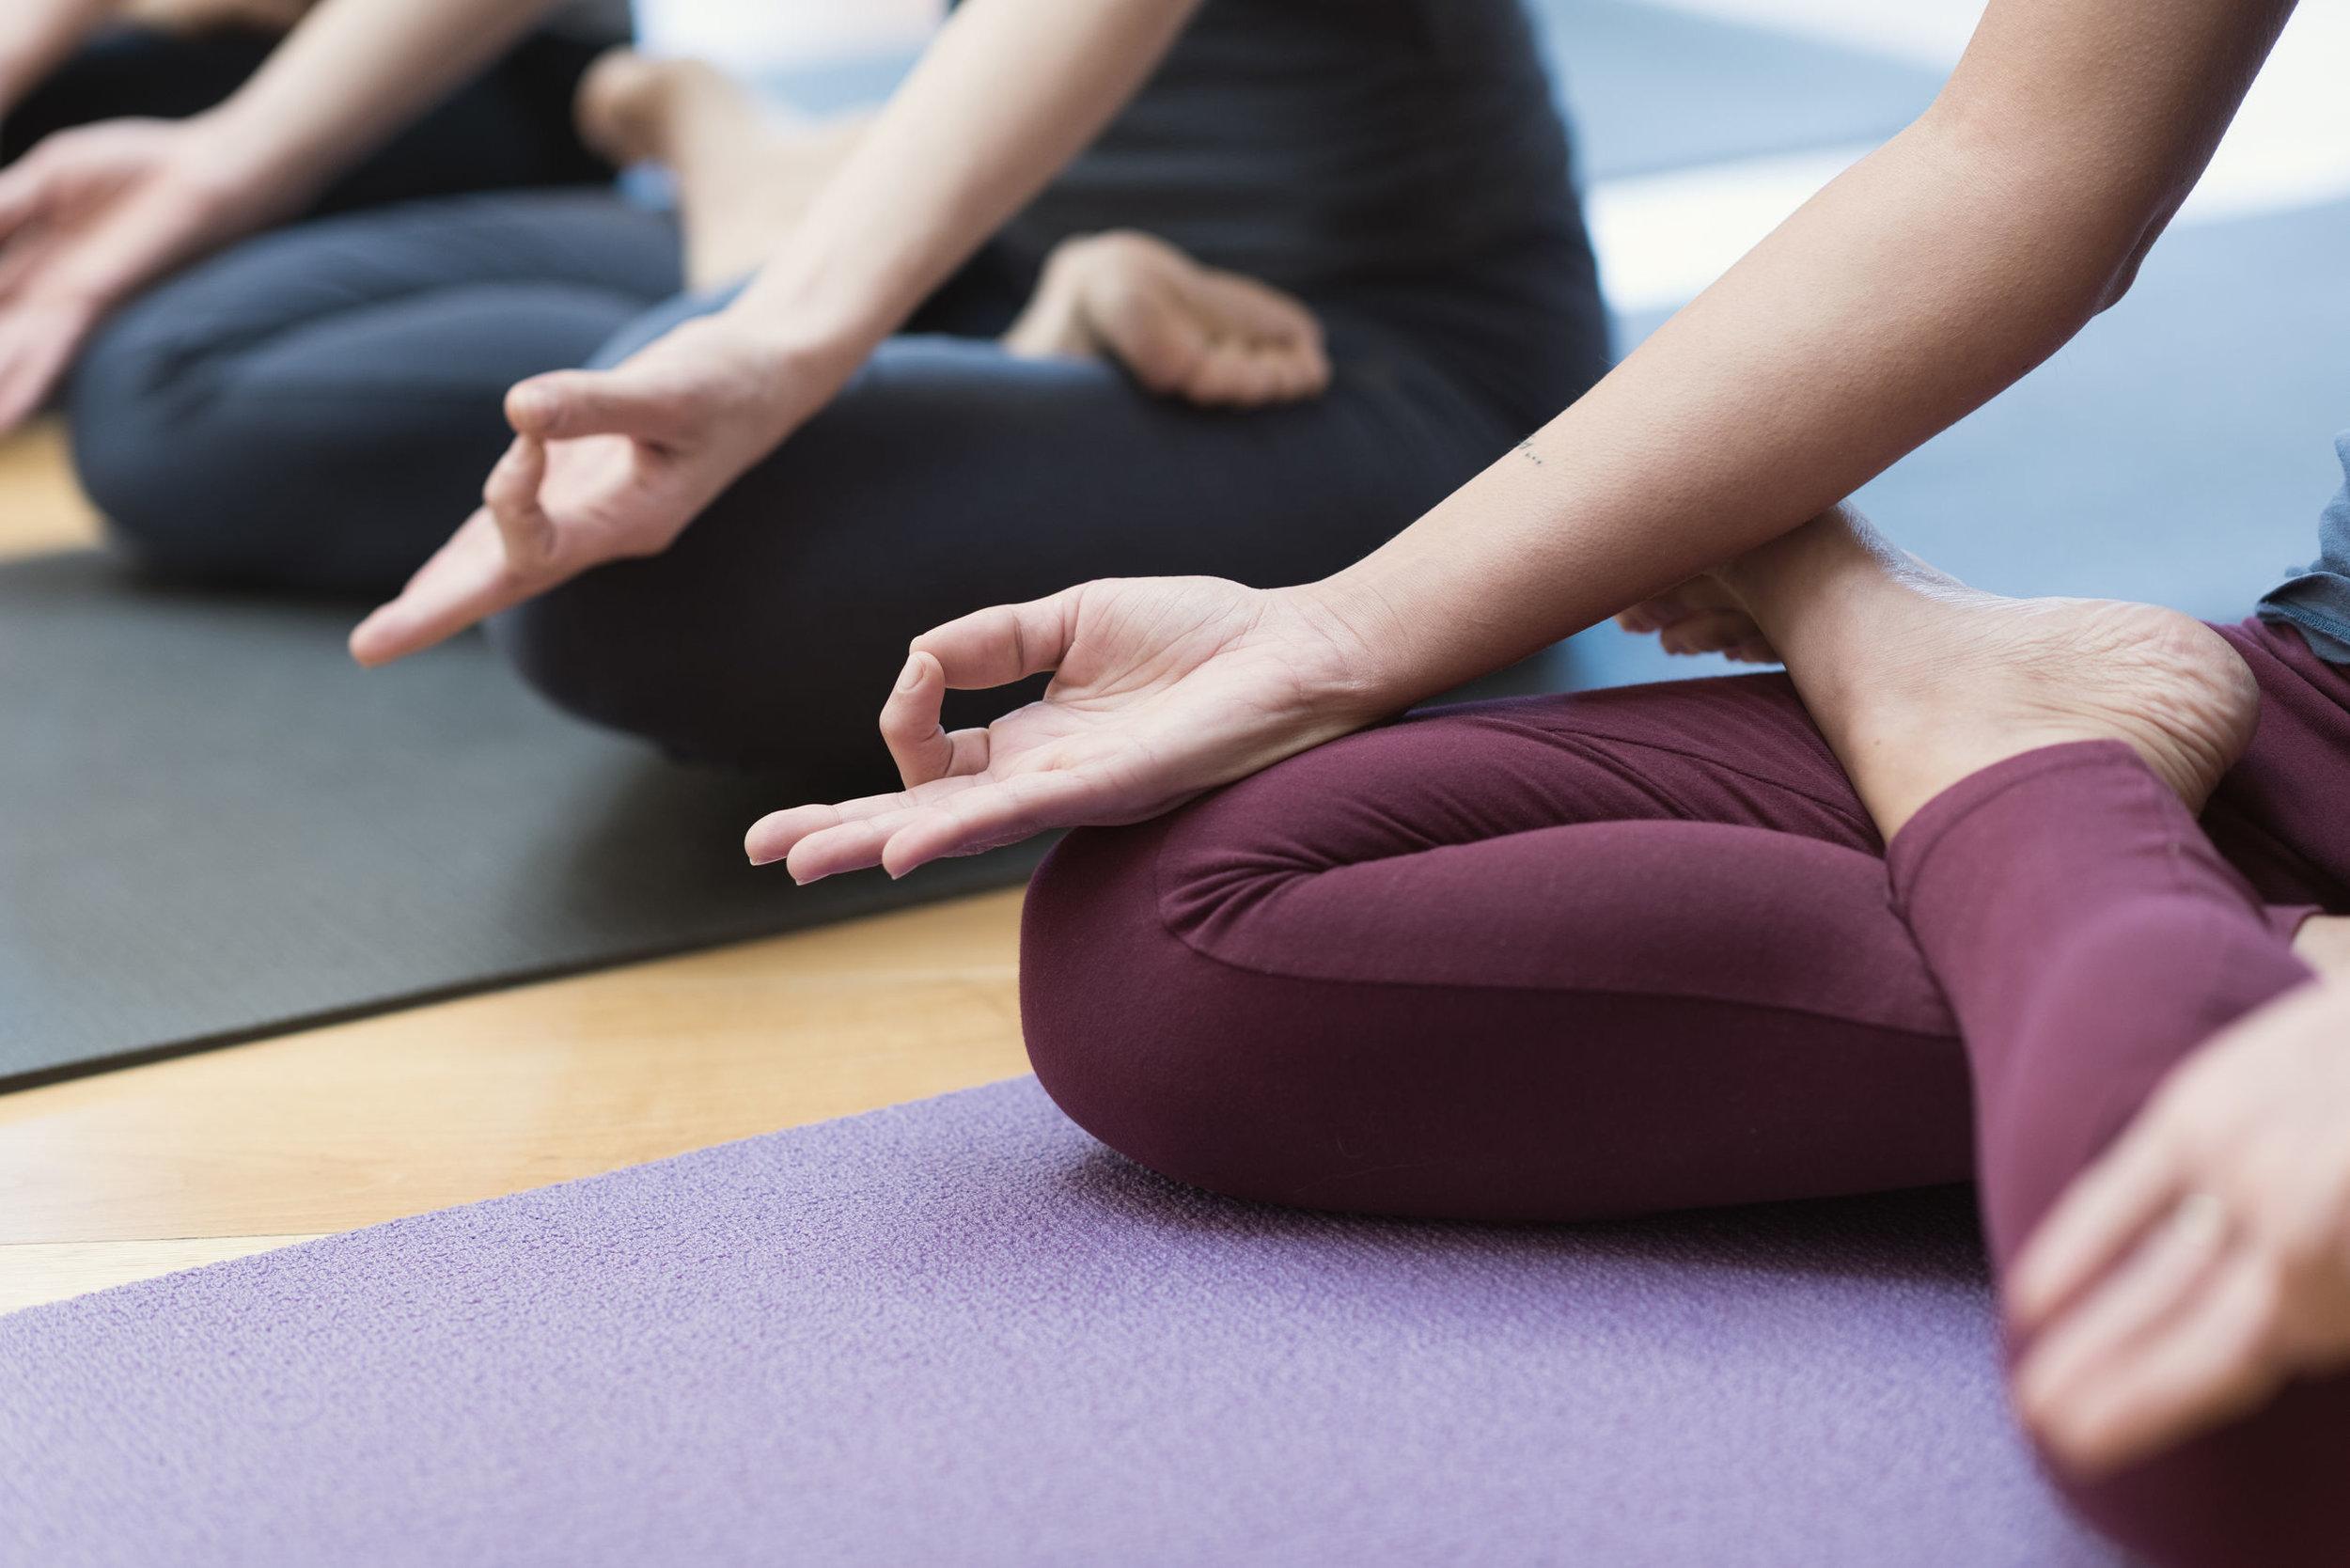 Flow / mindfulness med maja - En time med fokus på nærvær, og for en stund at kunne slippe det konstante behov for at reflektere og planlægge som det moderne, vestlige samfund lægger op til.Det er en time hvor styrke kombineres med balance, smidighed og afslapning, med et gennemgående nærvær som øger kropsbevidsthed og ro. Øvelserne er baseret på bevægelsesprincipper fra især yoga, men krydres med elementer lige fra kampsport til dans.Niveauet er for alle, og jeg tilpasser niveauet til deltagersammensætningen.